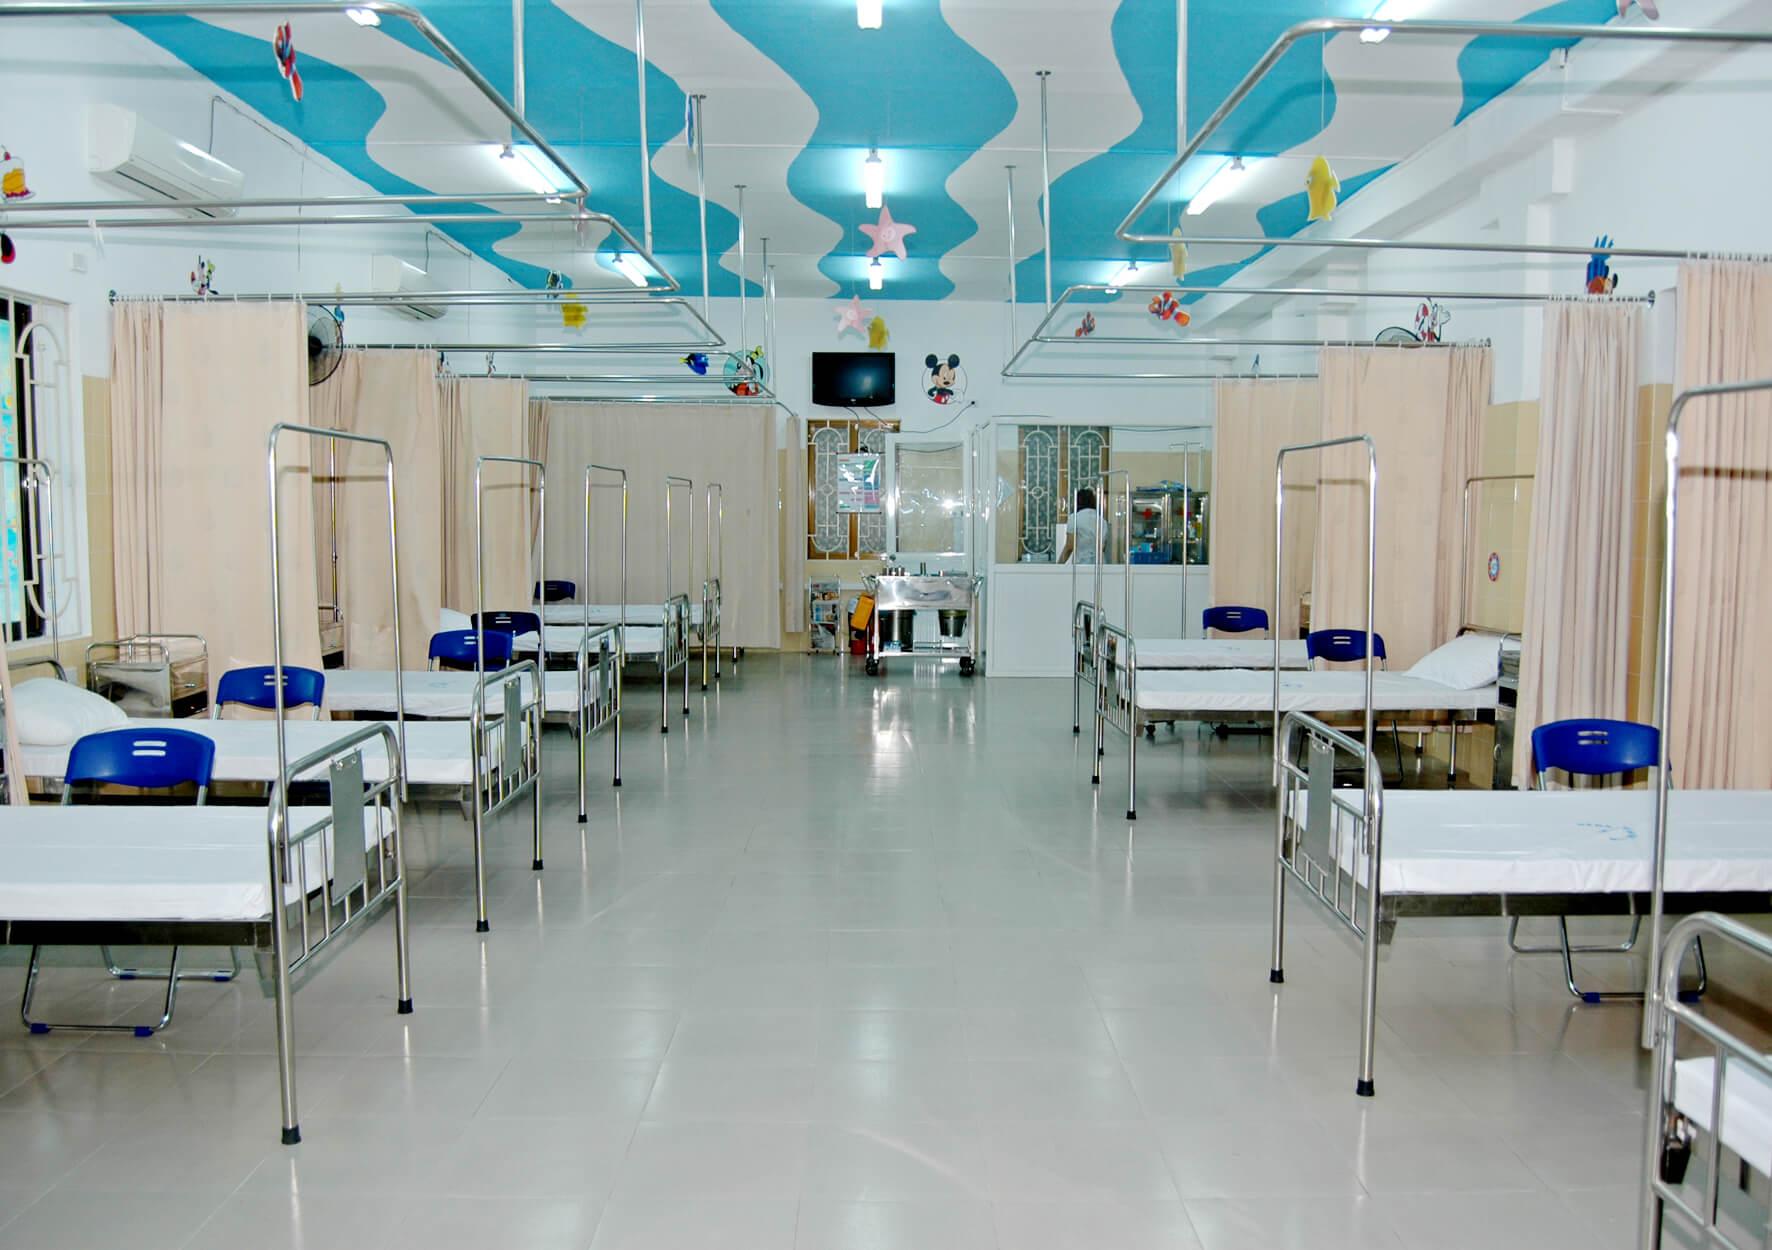 Bệnh viện nào chữa bệnh sùi mào gà tốt nhất?